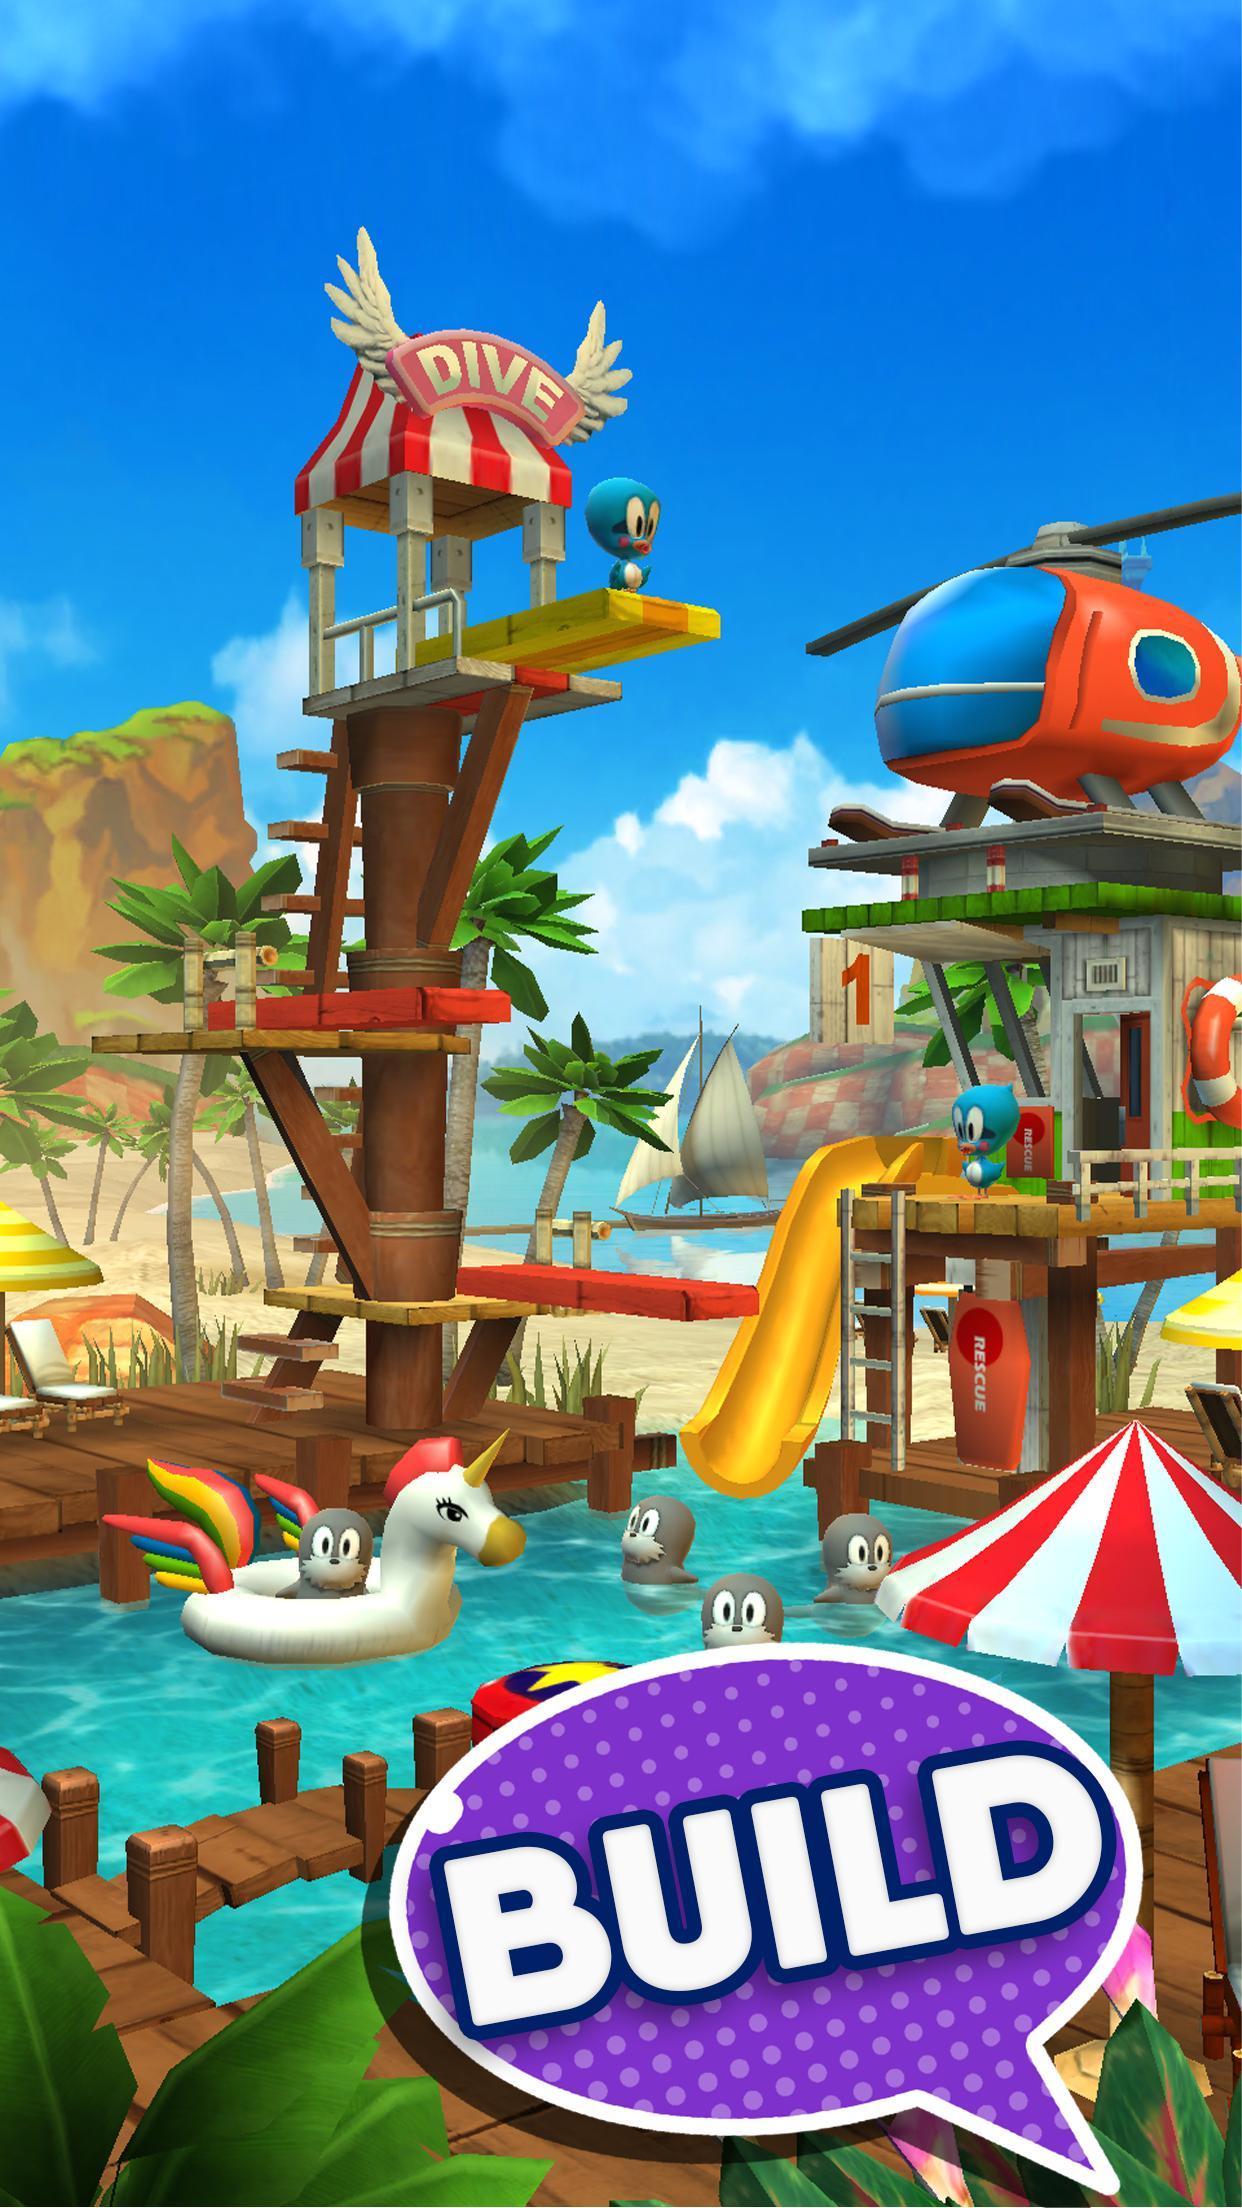 Sonic Dash - Endless Running & Racing Game 4.14.0 Screenshot 5